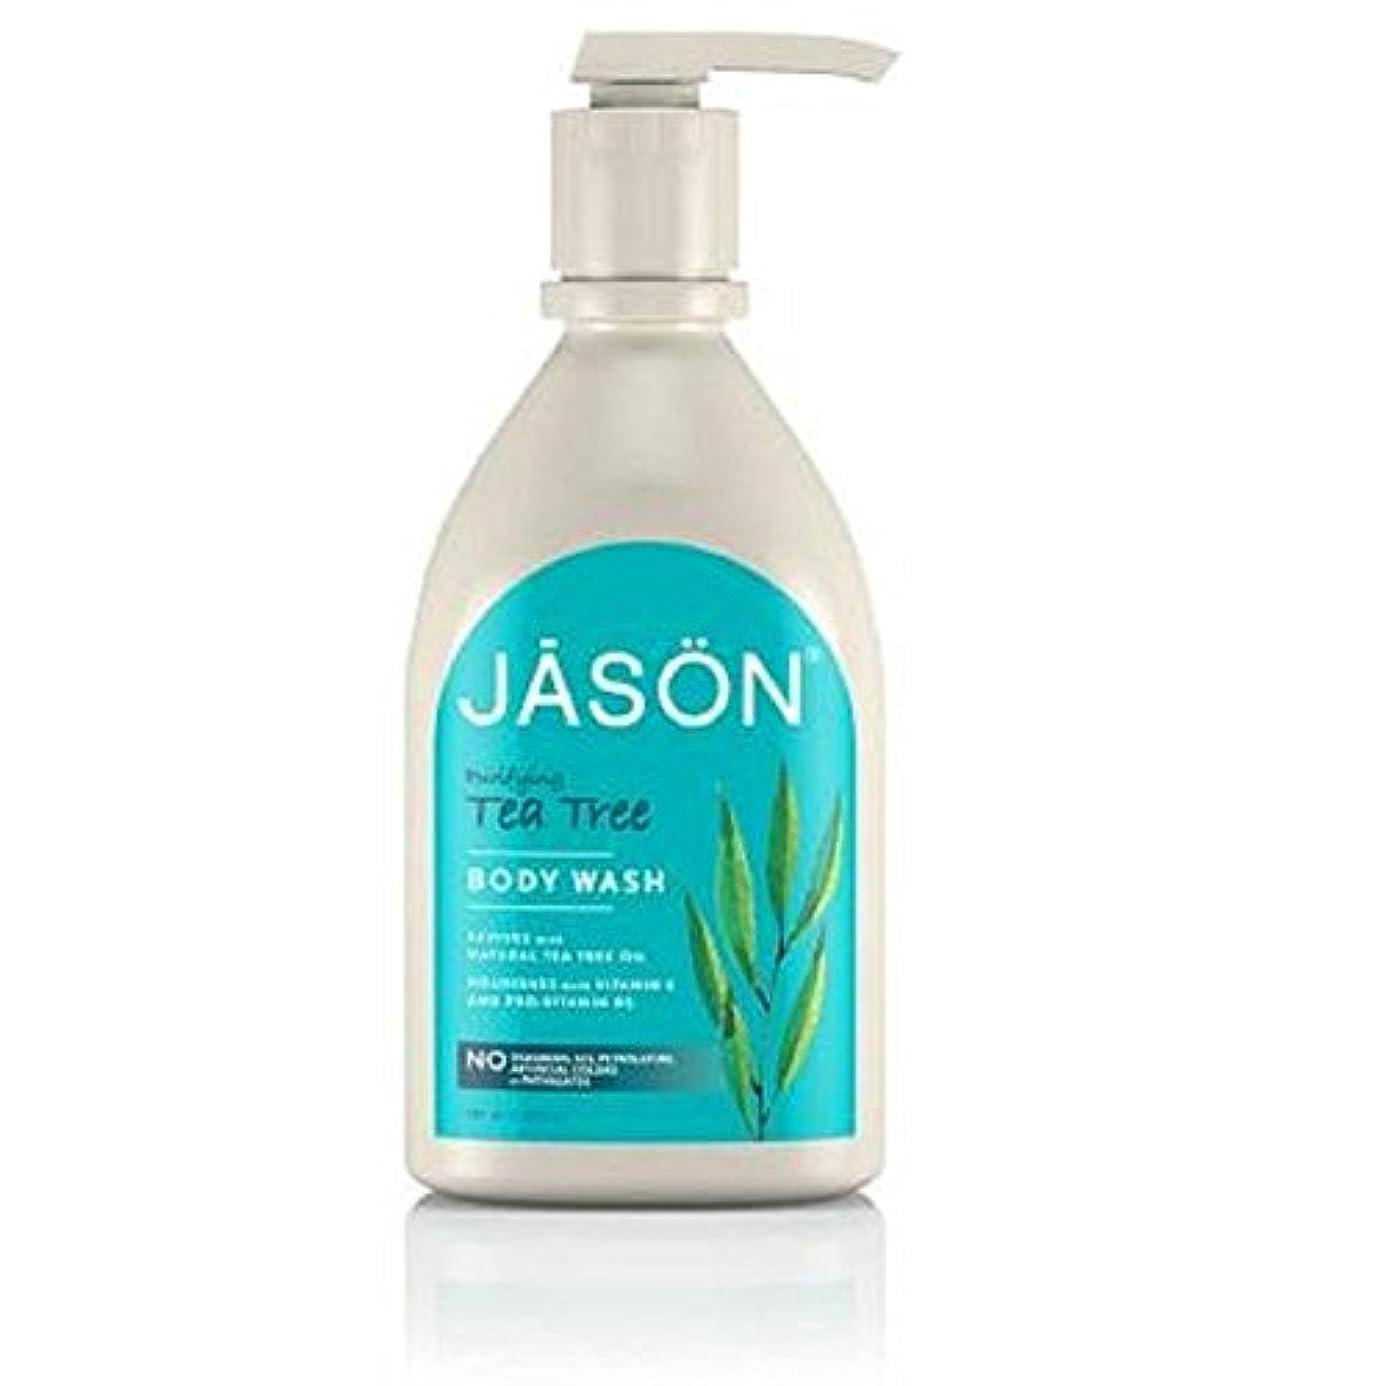 詳細な逮捕レイジェイソン?ティーツリーサテンボディウォッシュポンプ900ミリリットル x2 - Jason Tea Tree Satin Body Wash Pump 900ml (Pack of 2) [並行輸入品]